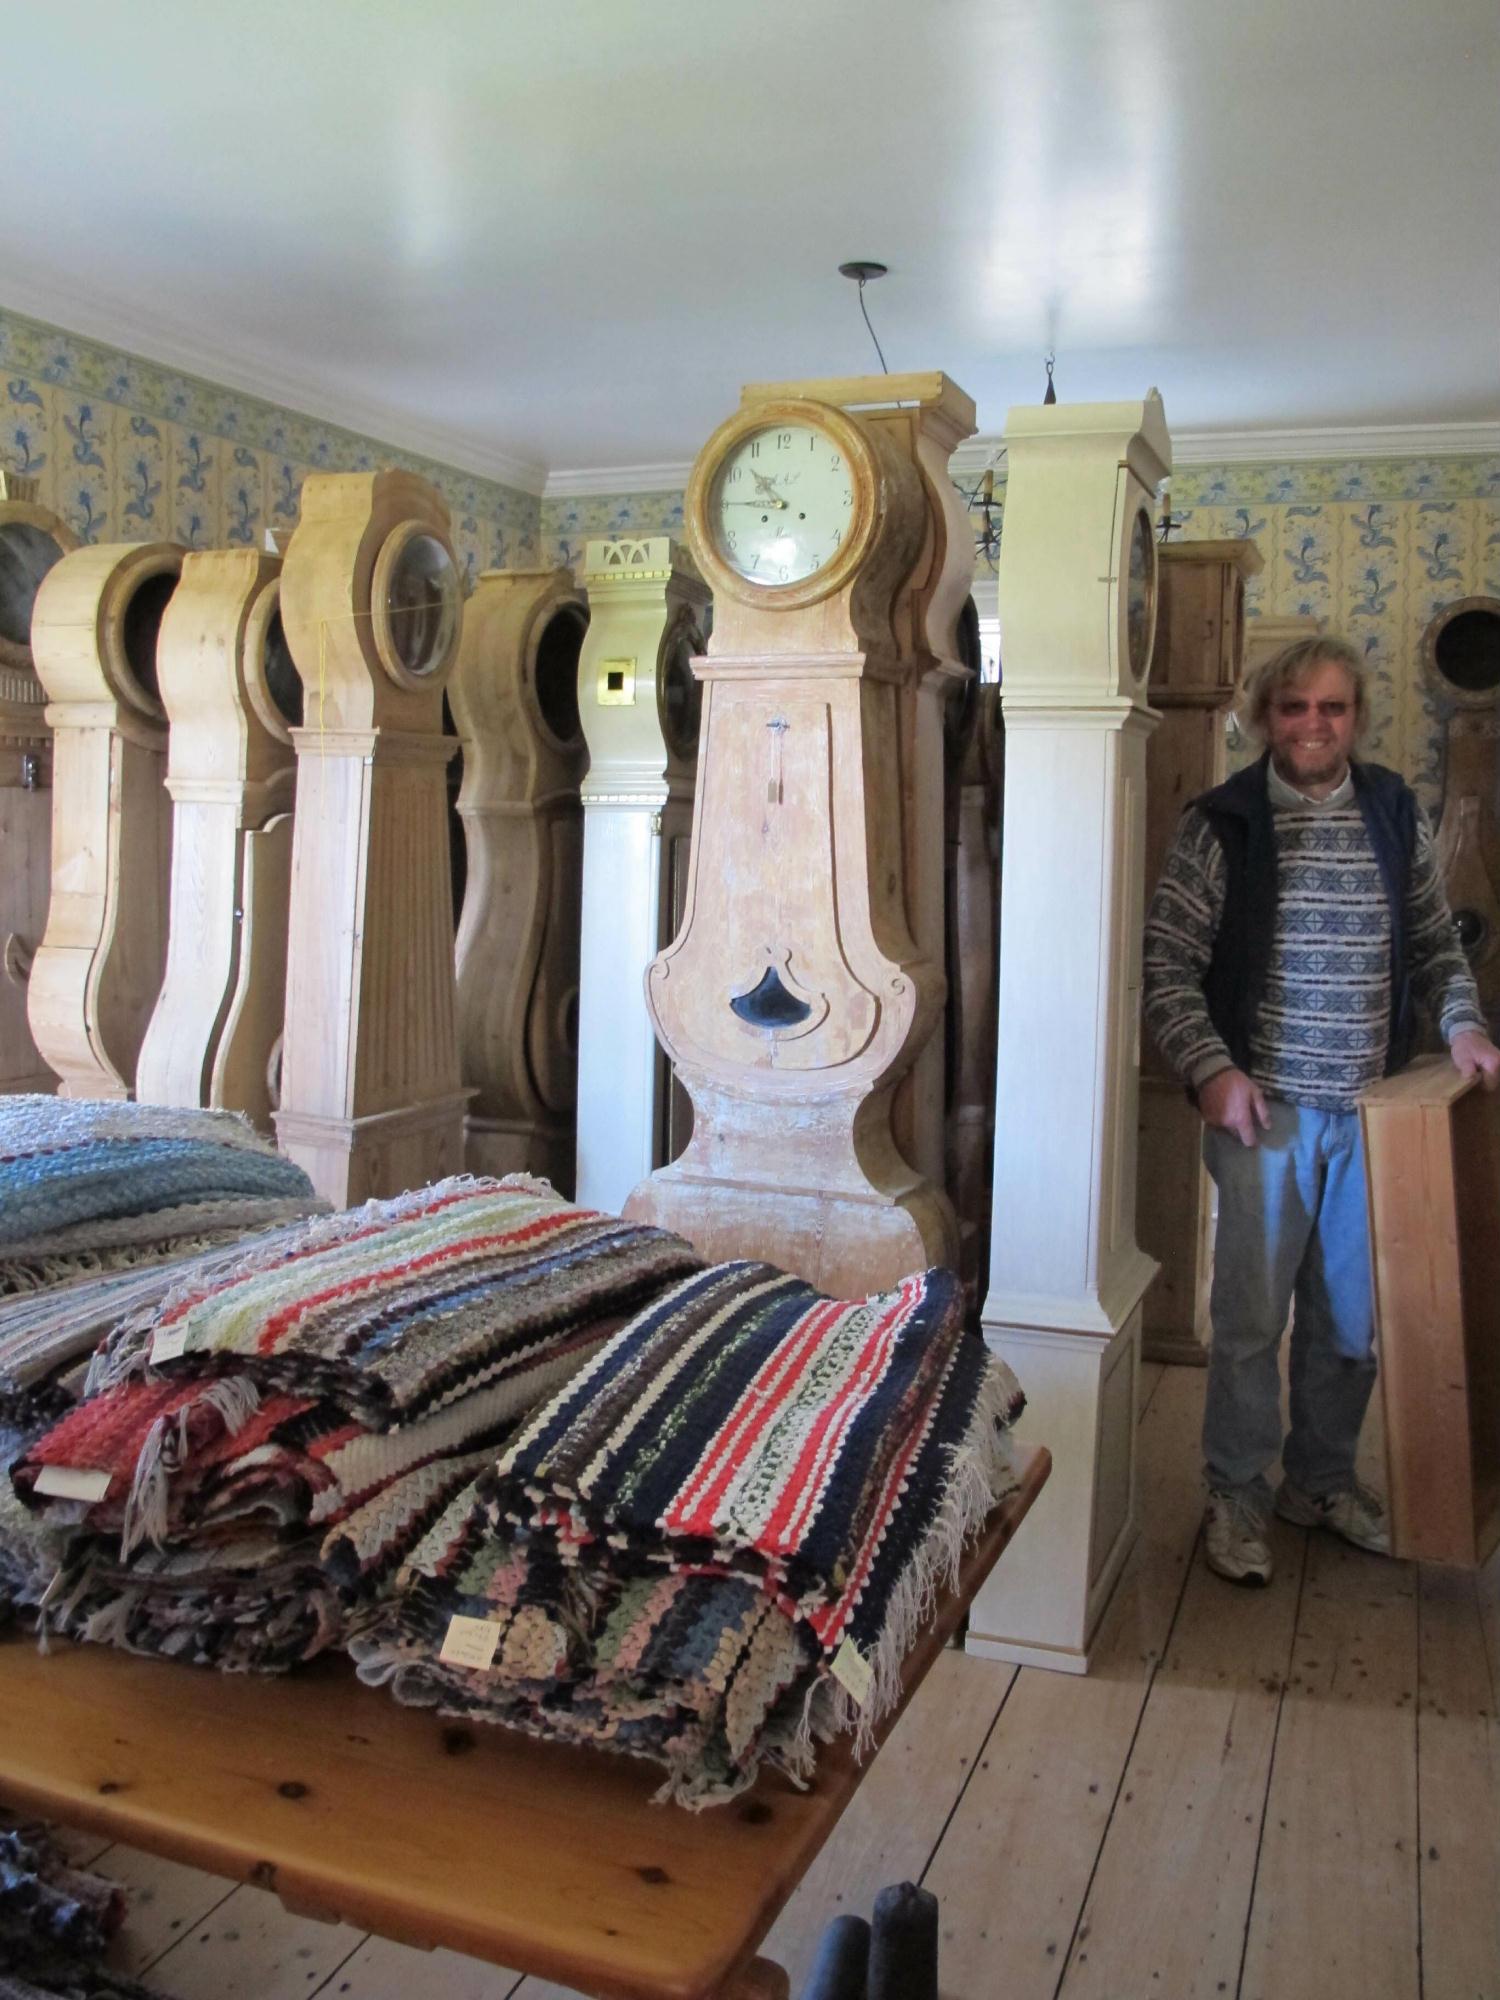 antique Swedish and Danish clocks - Antique Swedish Mora Clocks, Danish Antique Clocks, Swedish Exacta